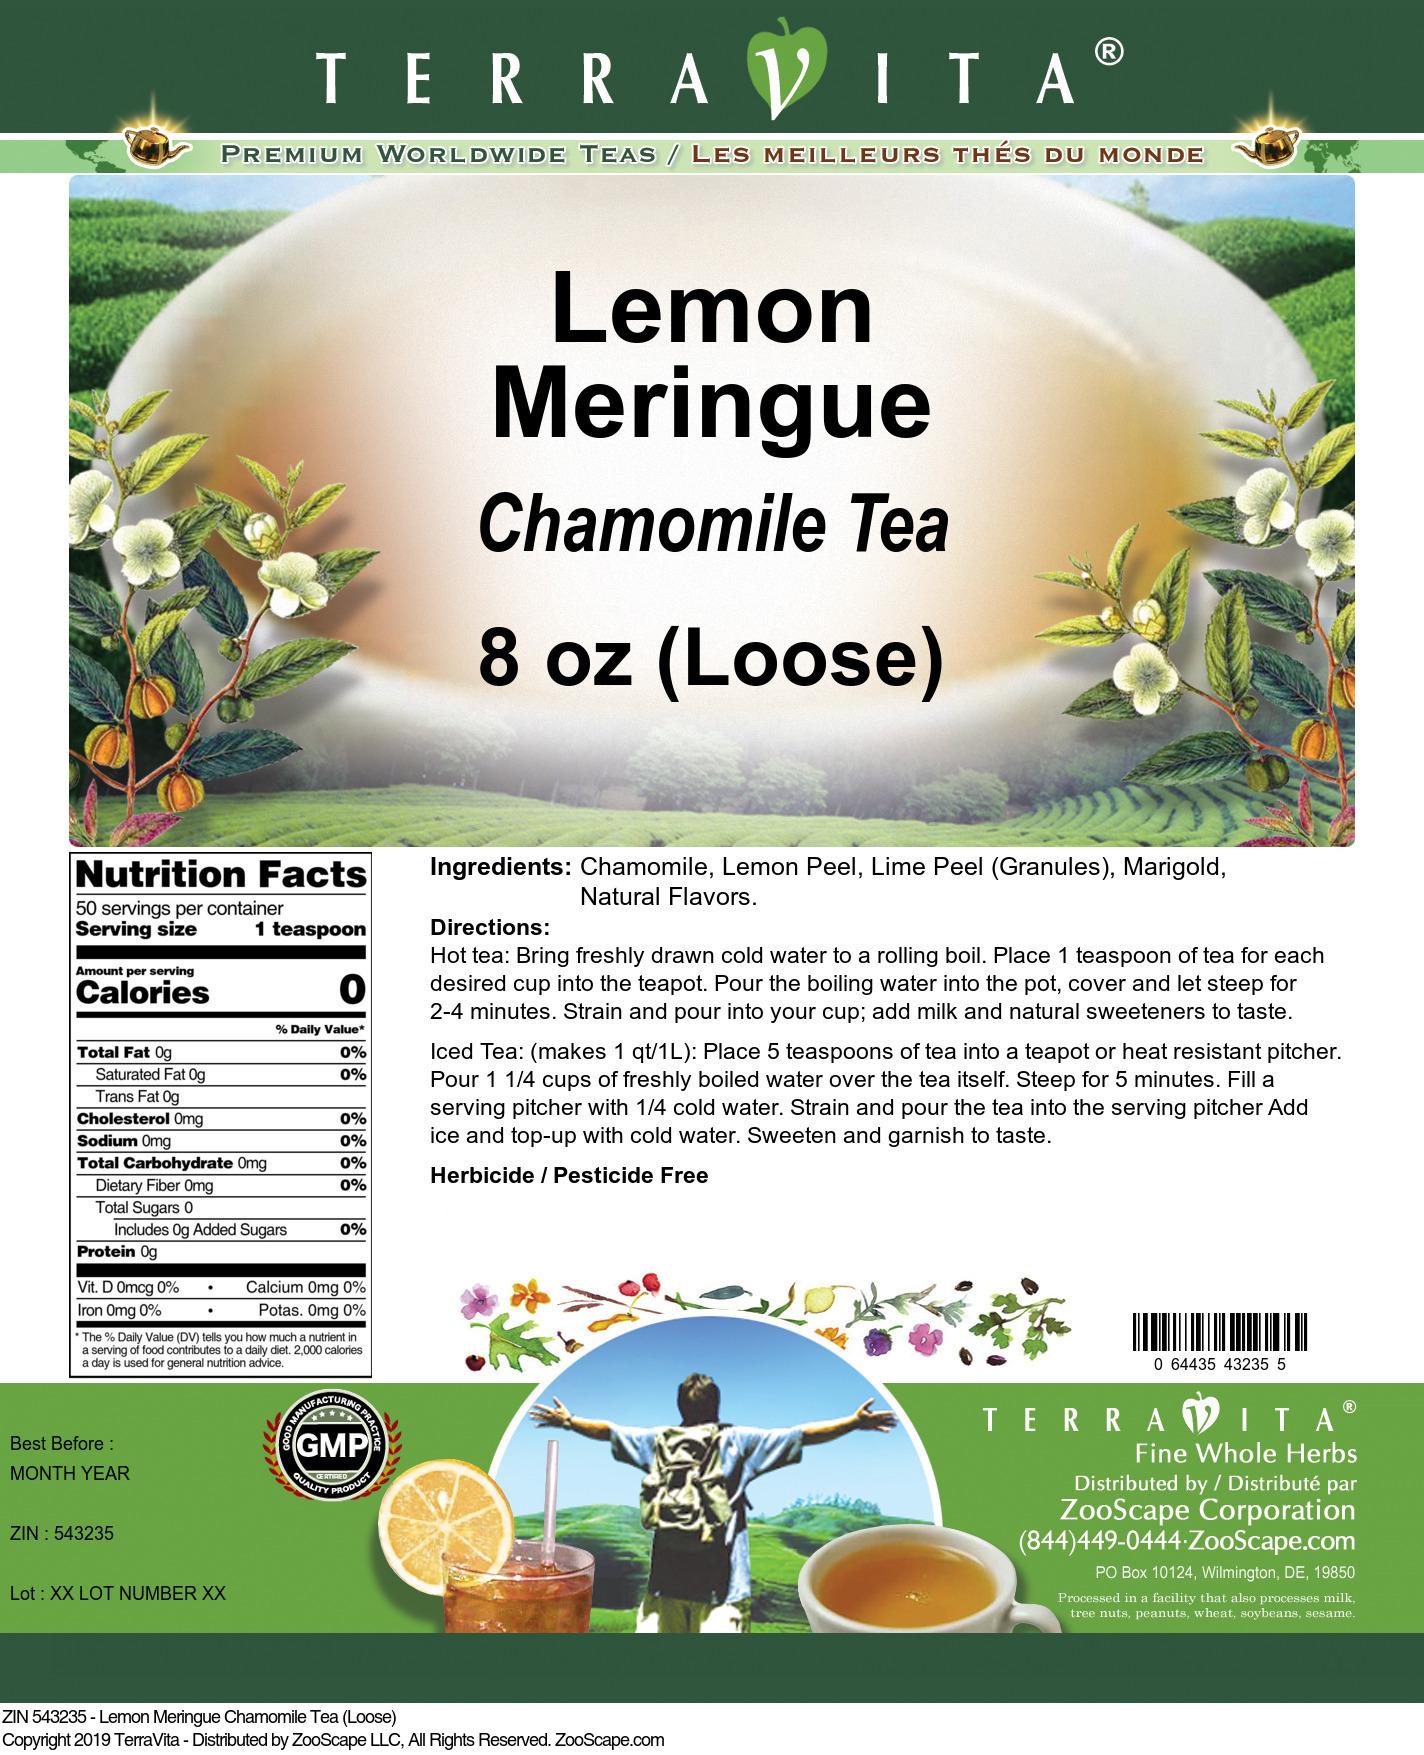 Lemon Meringue Chamomile Tea (Loose)